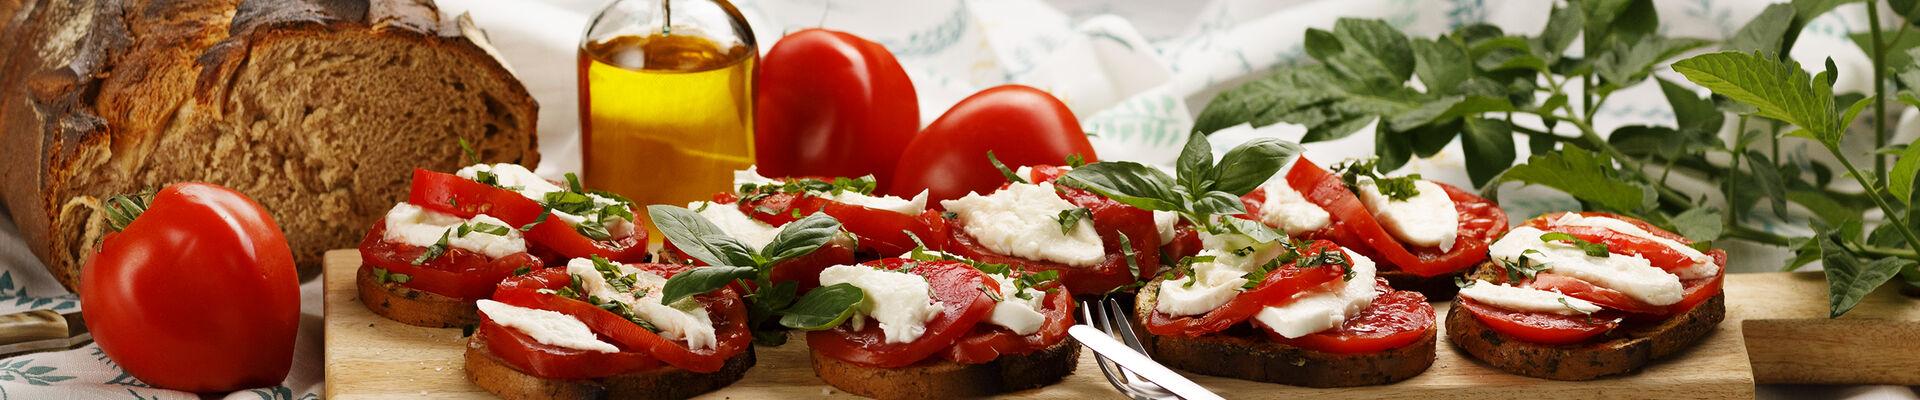 Pain perdu au pesto et à la tomate